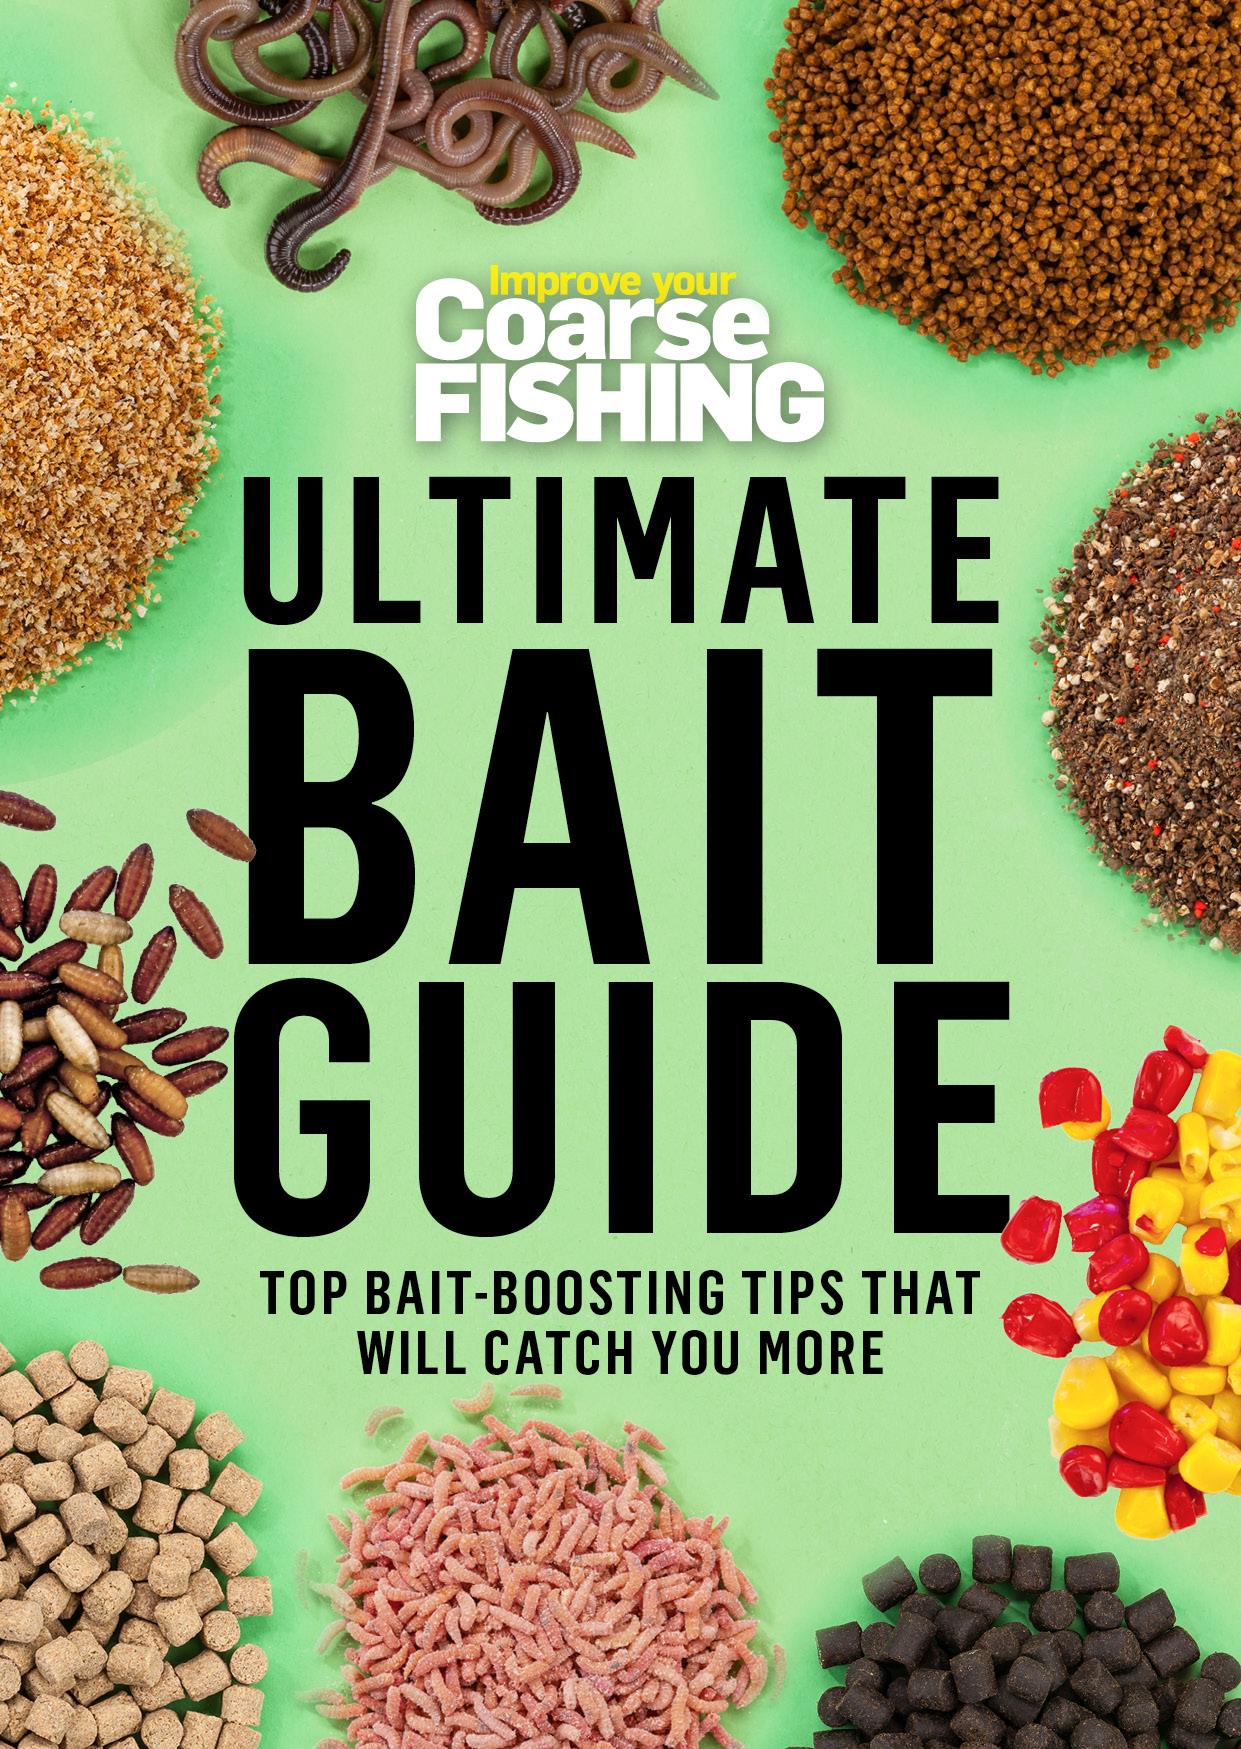 Ultimate Bait Guide 2019 cover.jpg